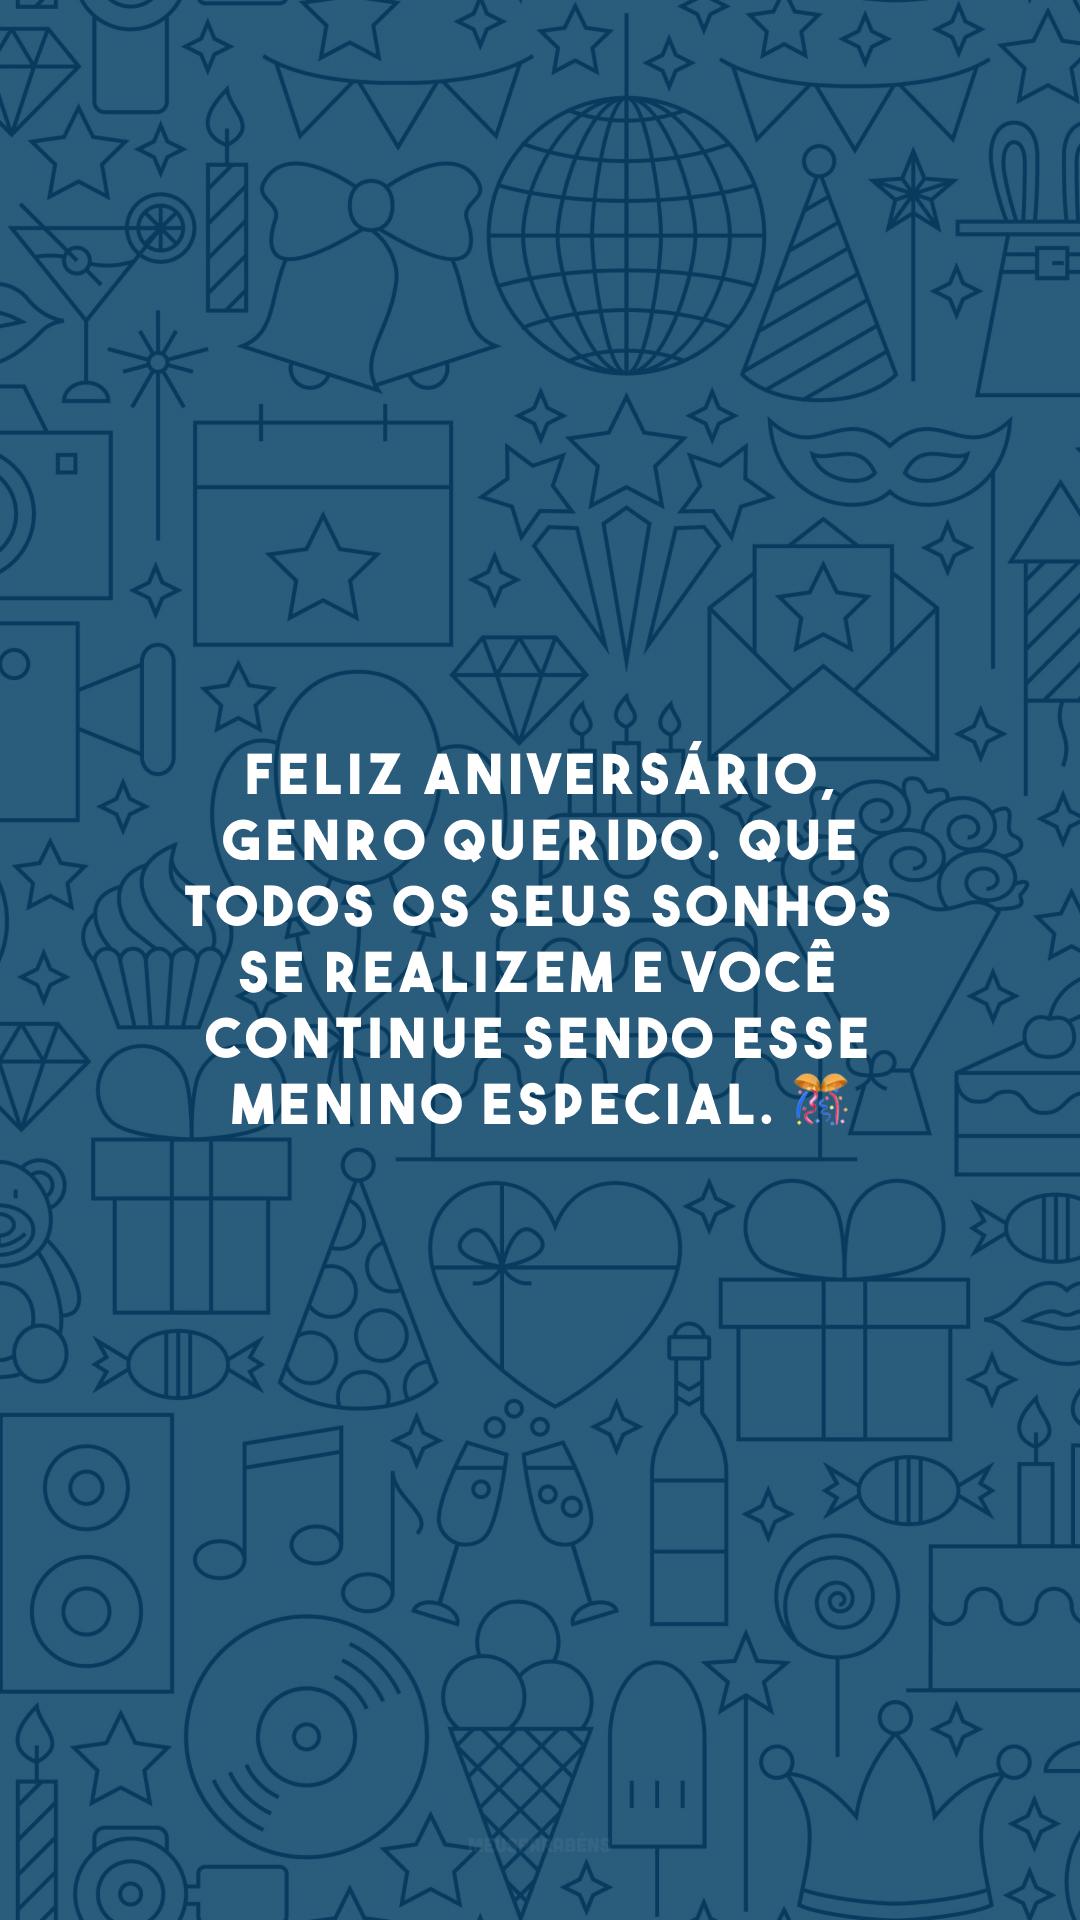 Feliz aniversário, genro querido. Que todos os seus sonhos se realizem e você continue sendo esse menino especial. 🎊